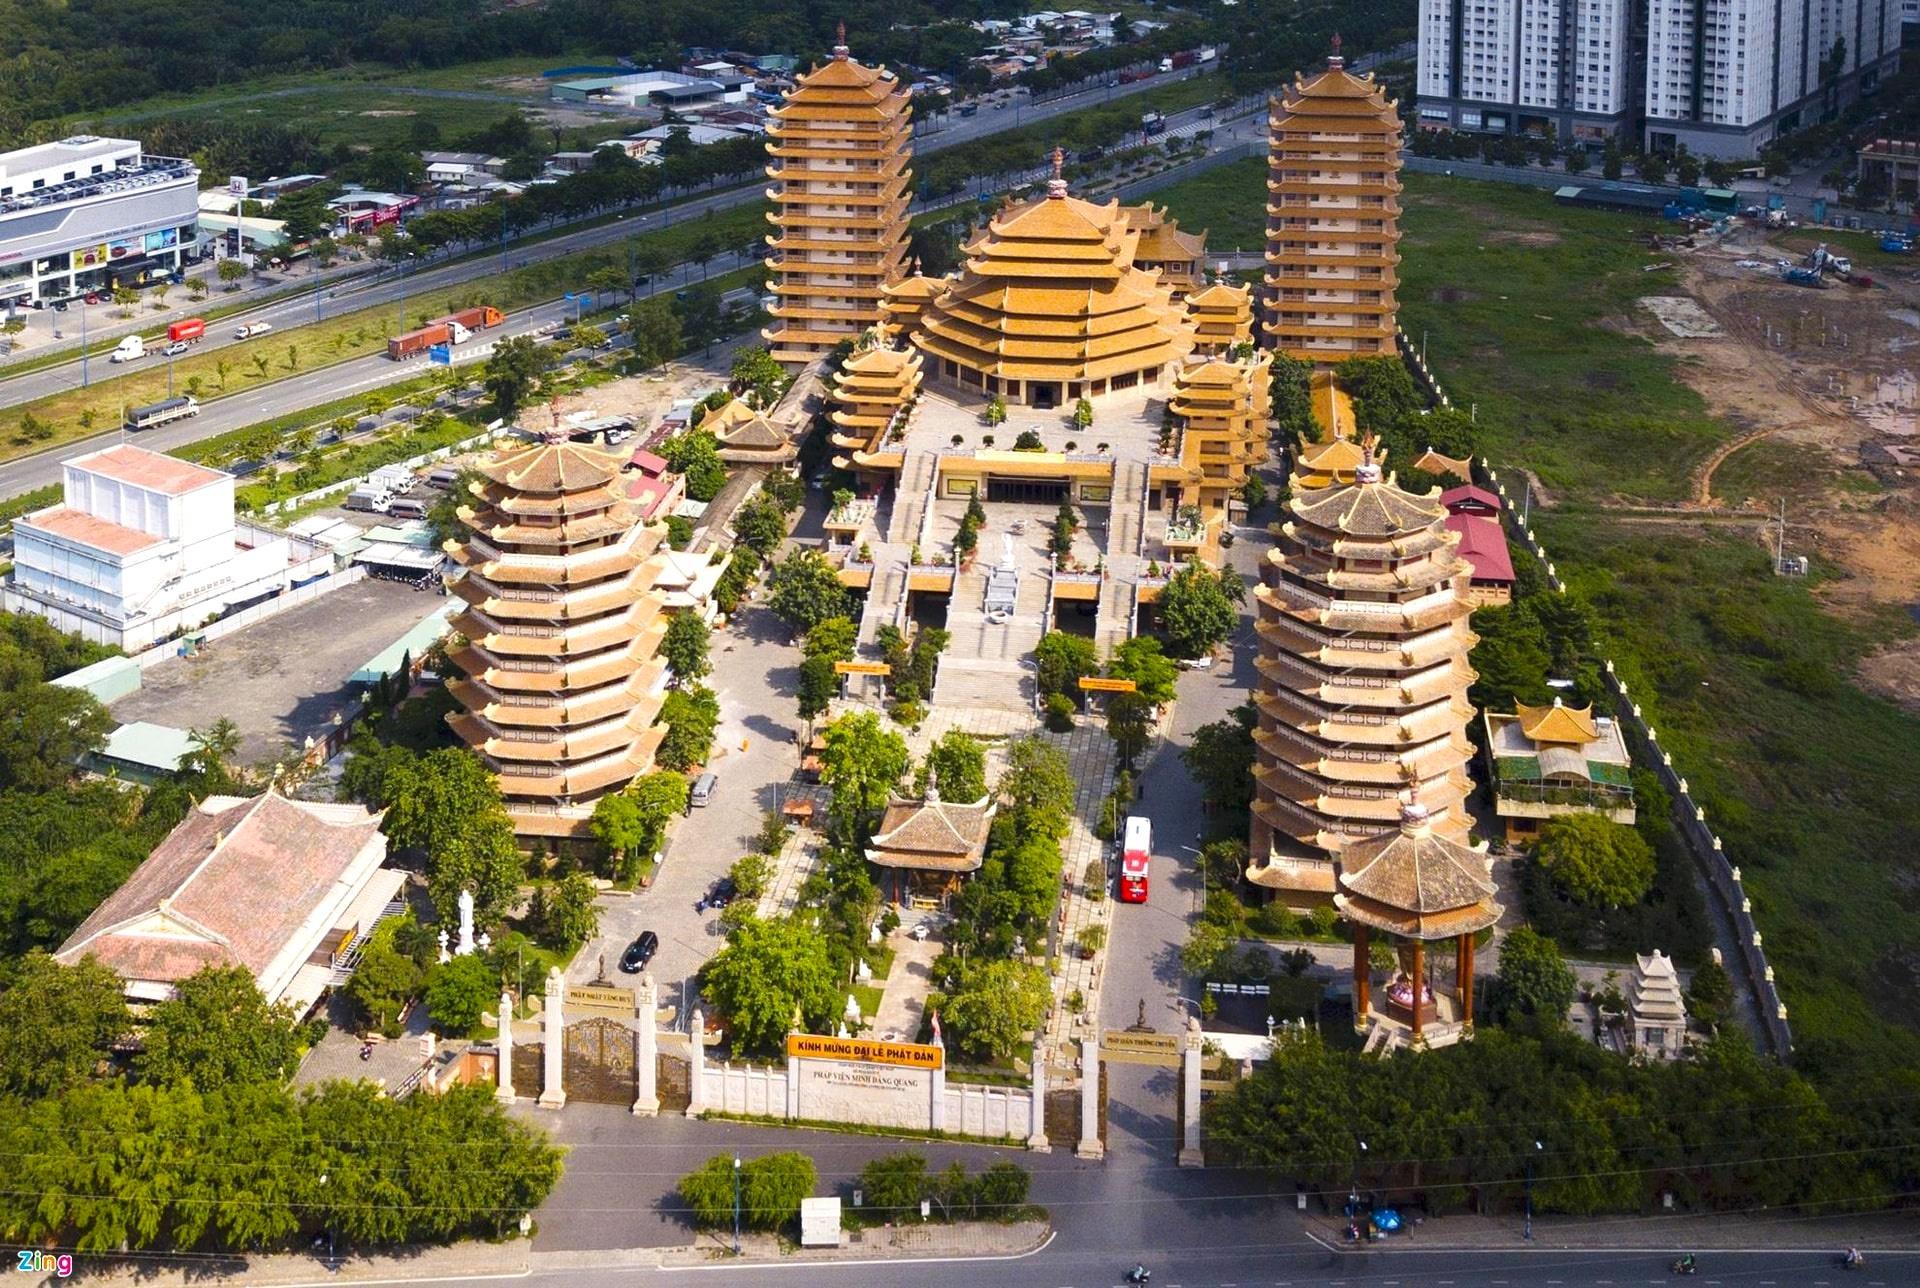 Nhung ngoi chua noi tieng Viet Nam anh 2  - tinh_xa_2_min - Loạt tháp chùa đạt kỷ lục ở Việt Nam